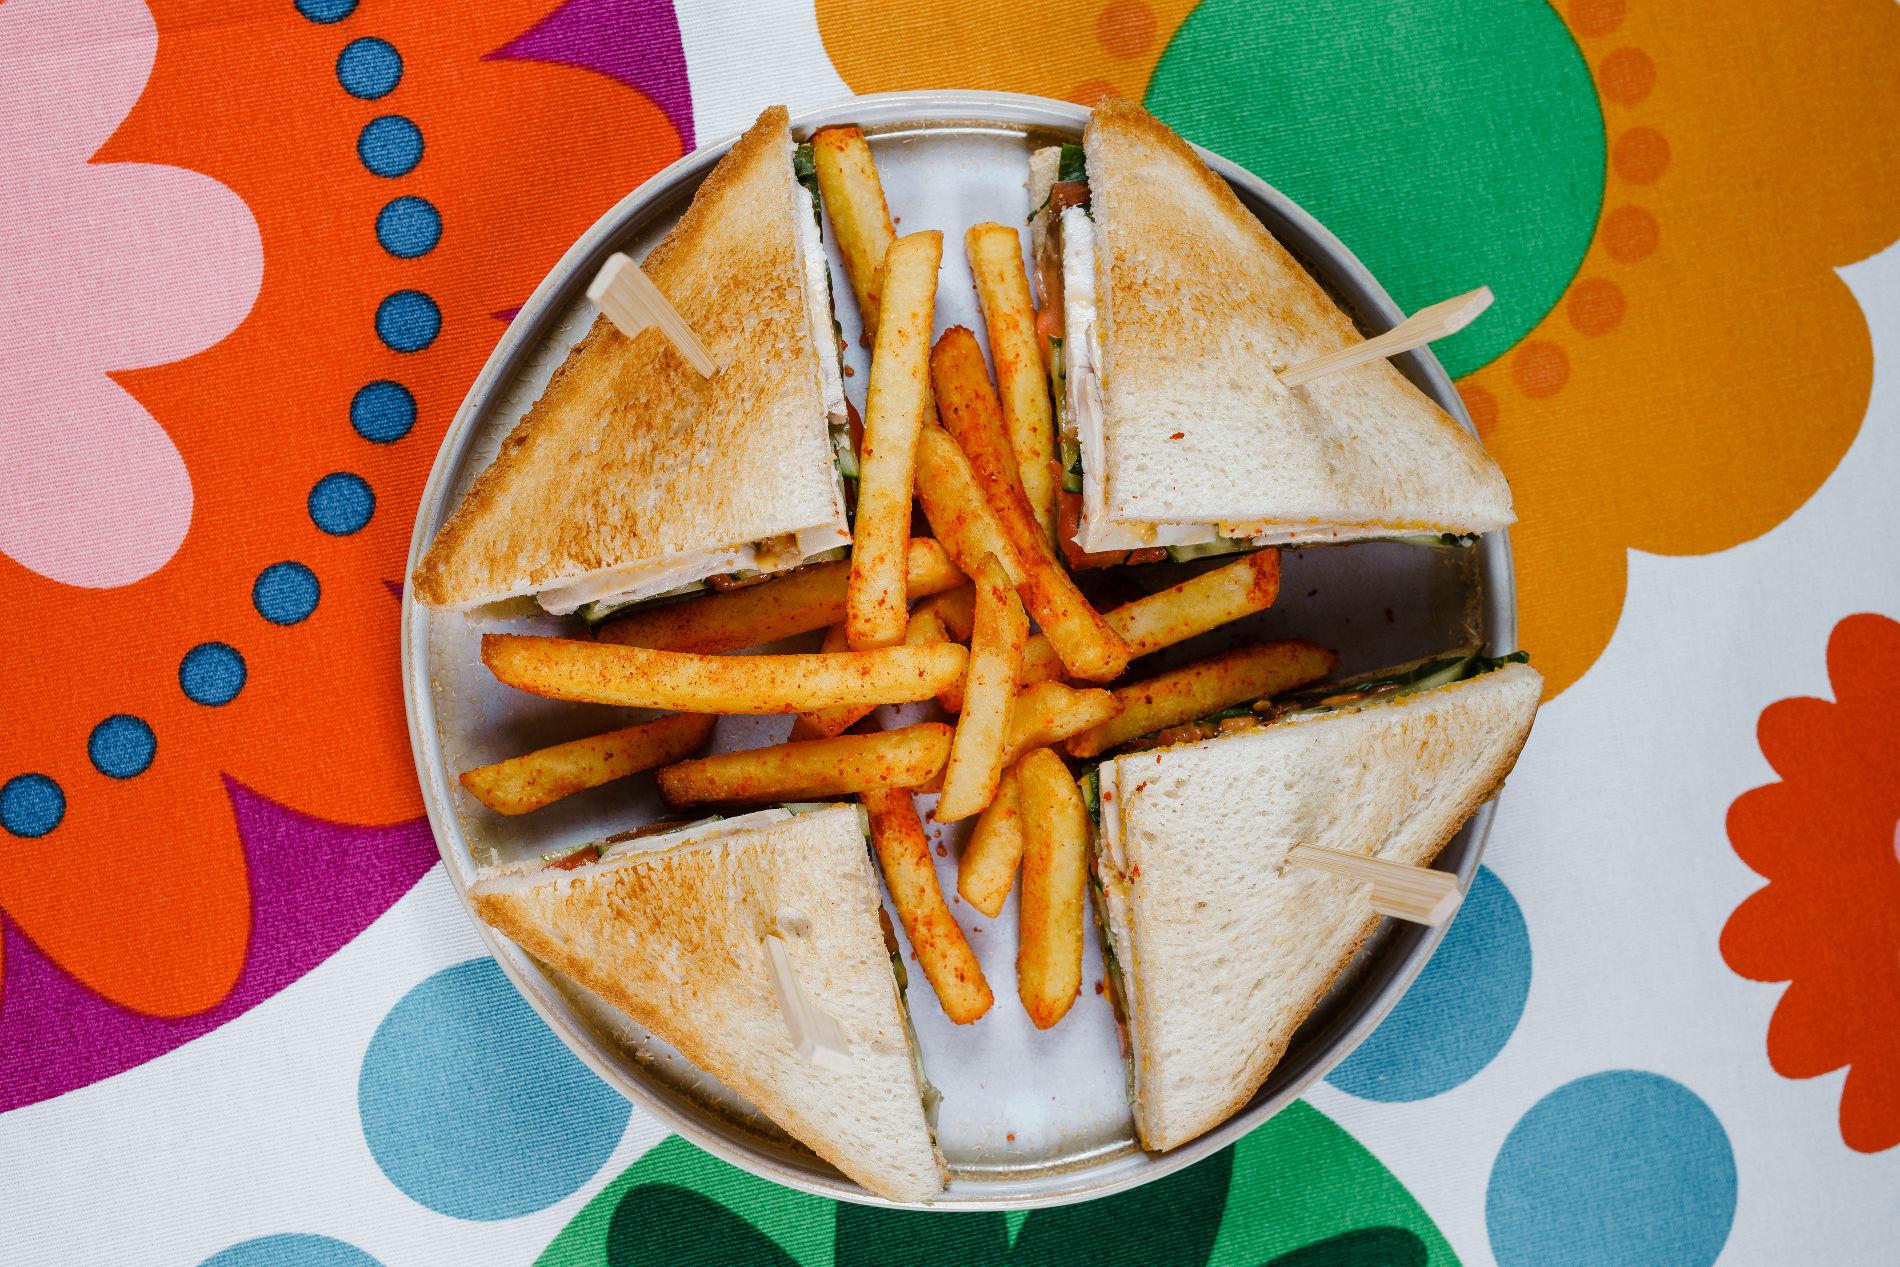 Сэндвич с индейкой, овощами и картофелем фри ©Фотография предоставлена рестораном «Пиноккио Djan»